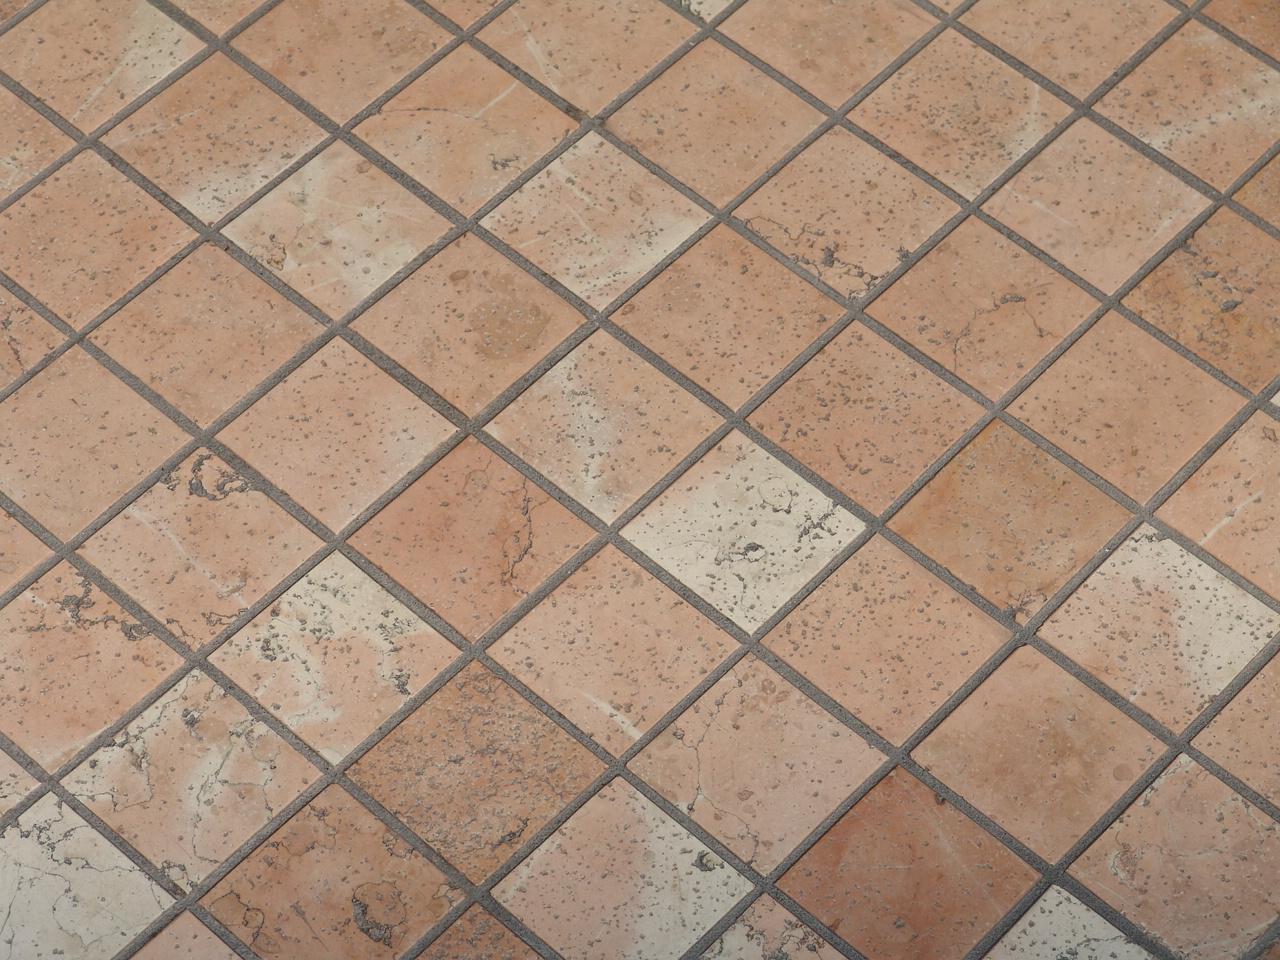 Zem enrico marmi vendita piastrelle di marmo e pietra da tutto il